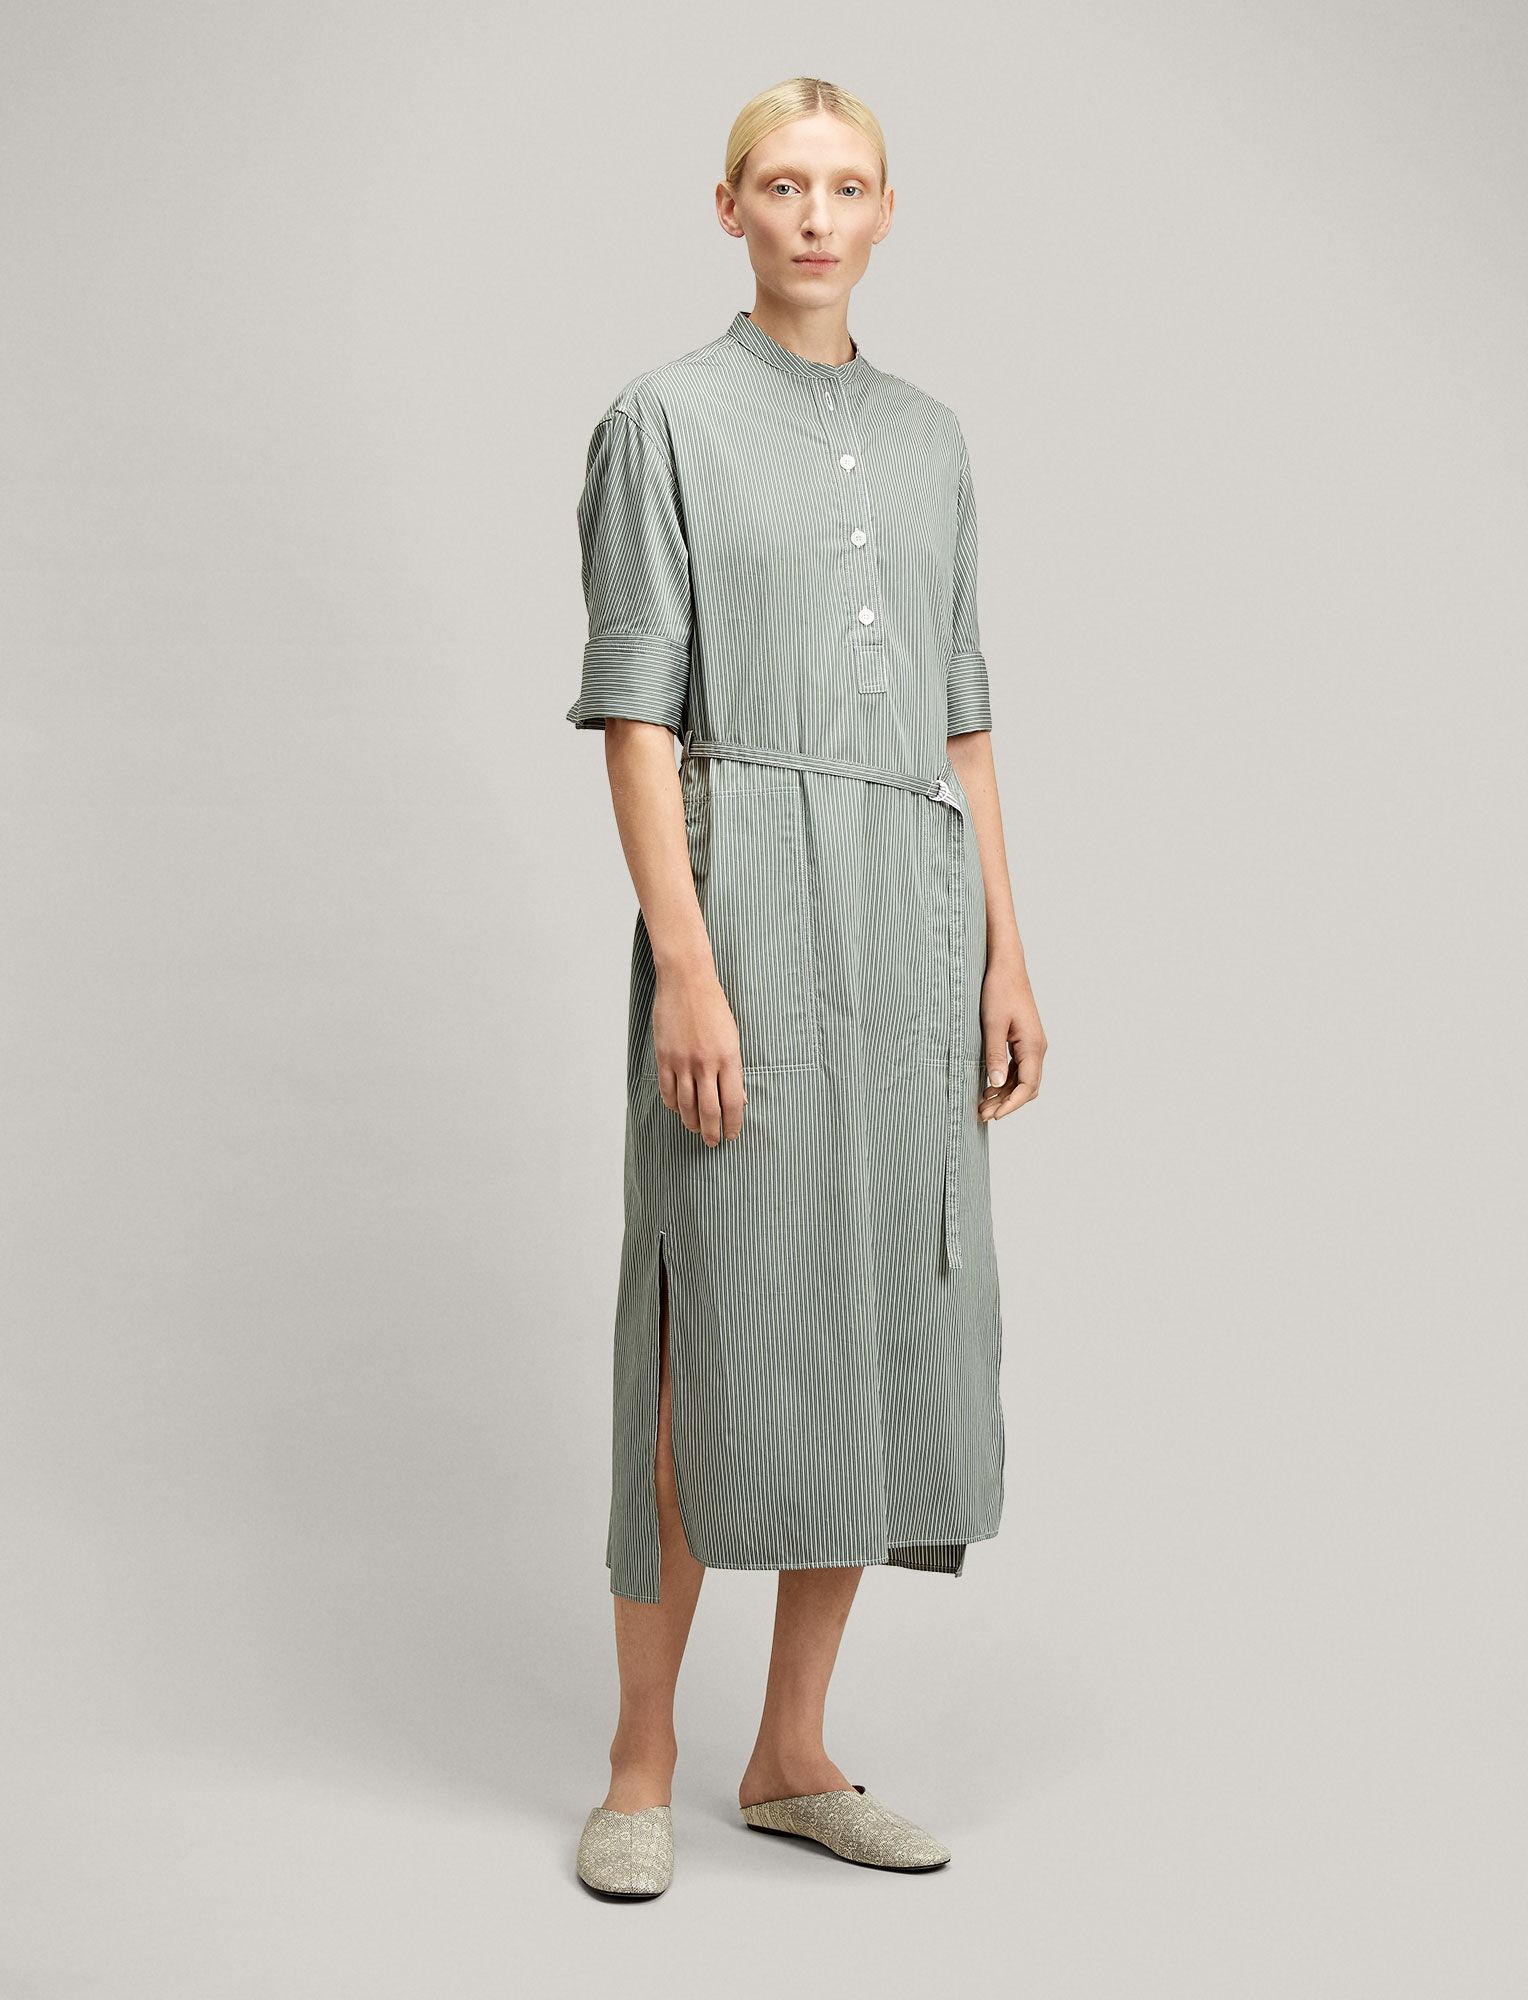 Joseph, Barker Pinstripe Mix Dress, in CLOVER